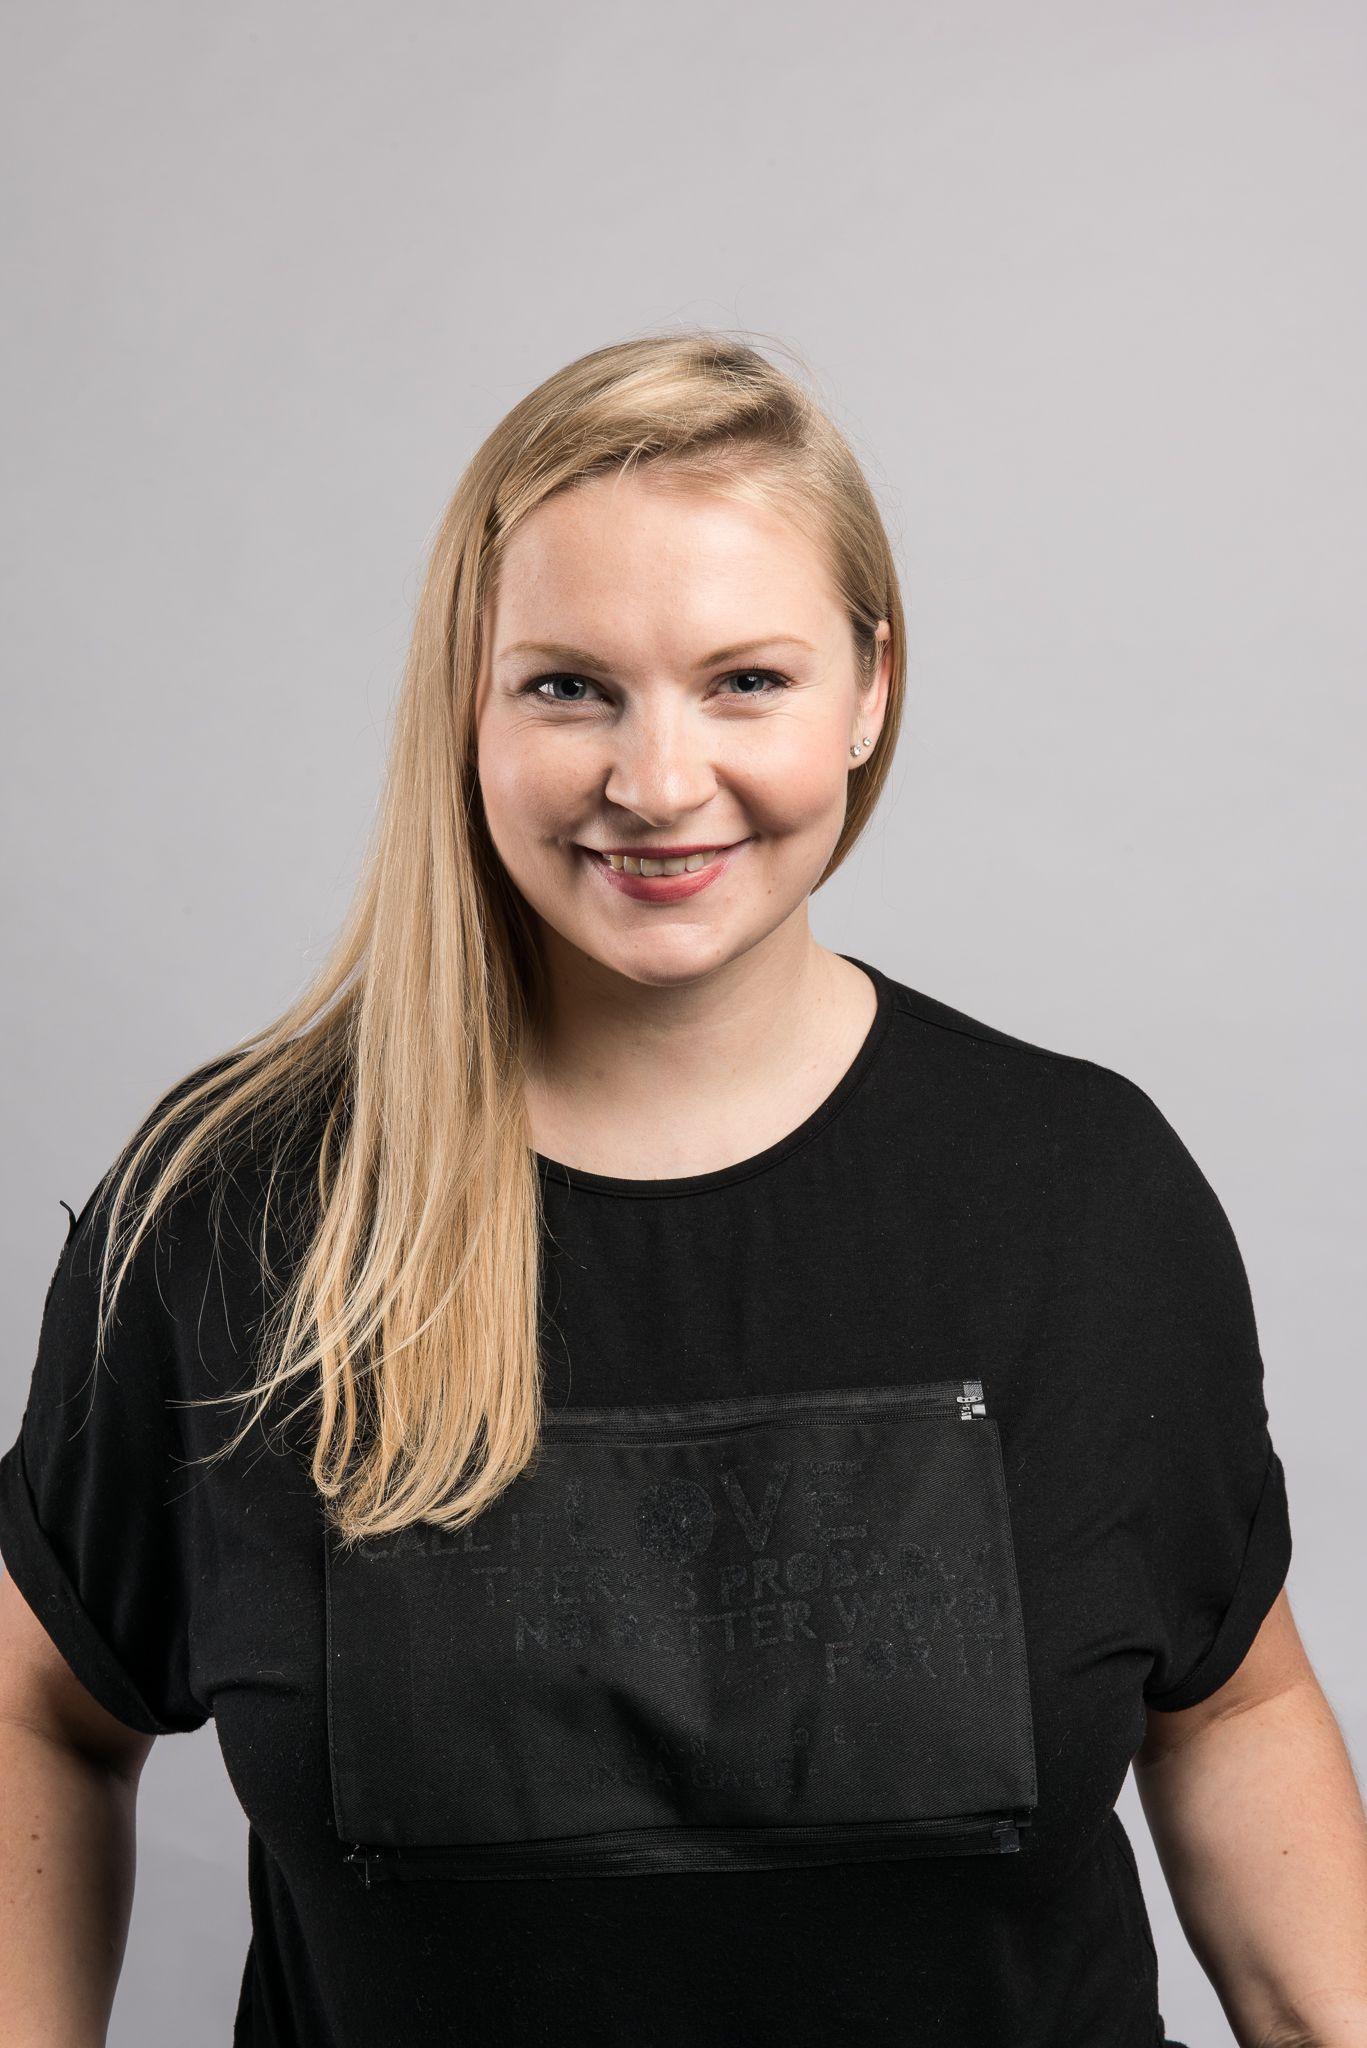 Kristine Spure